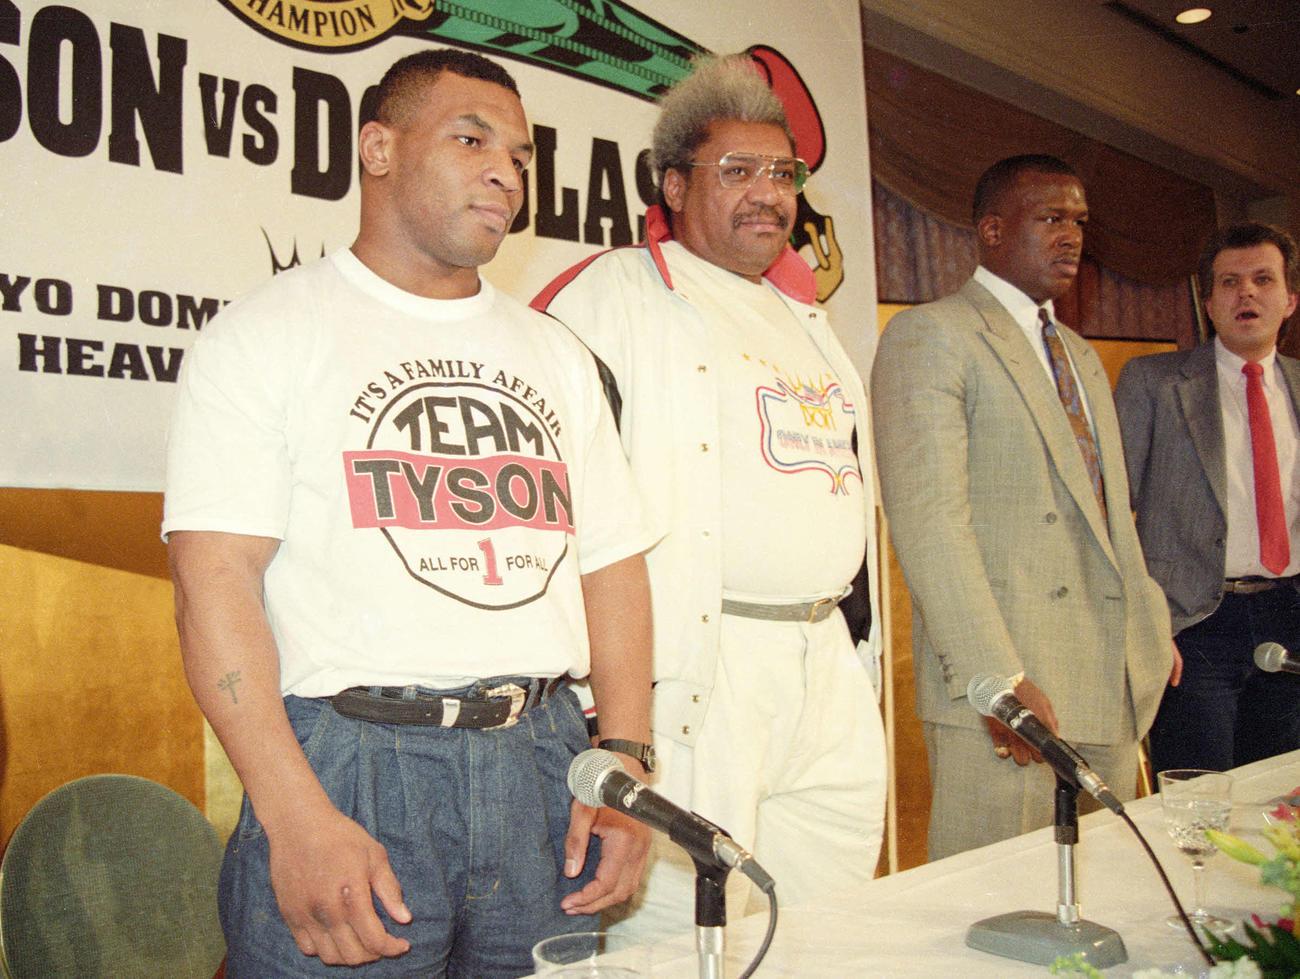 WBA・IBF・WBC世界ヘビー級タイトルマッチ合同記者会見で同席したマイク・タイソン(左)とジェームス・ダグラス(右から2人目)